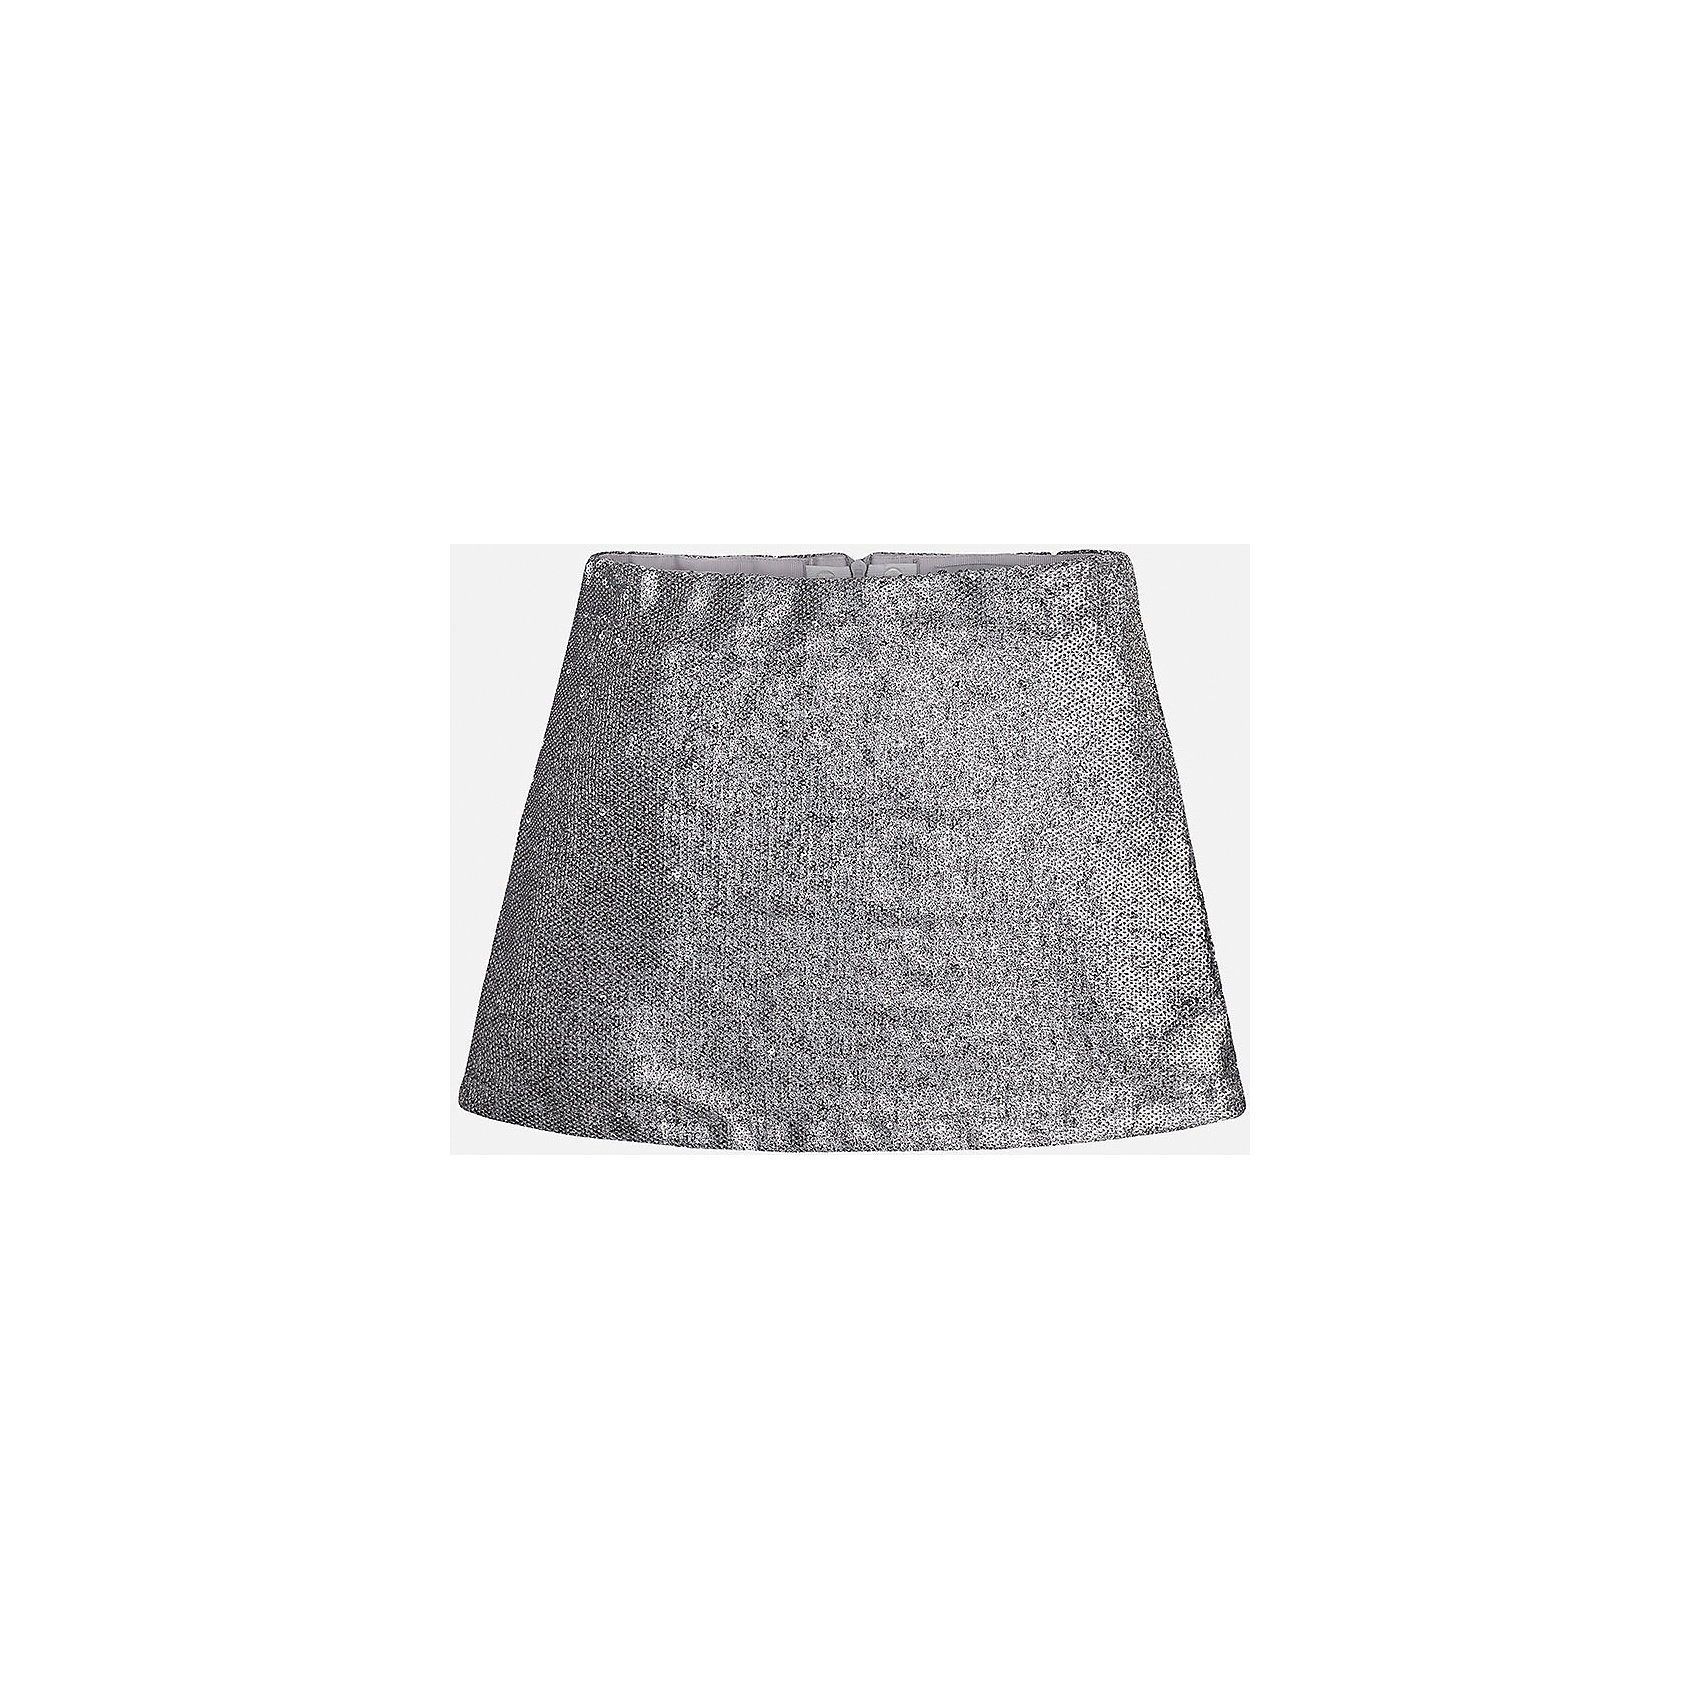 Юбка для девочки MayoralЮбка для девочки от известного испанского бренда Mayoral (Майорал). Эта модная и удобная юбка средней длинны сочетает в себе стиль и простоту. Приятный блестящий серебристый цвет, полученный за счет множества пайеток придет по вкусу вашей моднице. У юбки свободный крой, расширяющийся к низу. Отличное пополнение для сезона осень-зима. К этому платью подойдут как классические колготки, так и современные укороченные леггинсы.<br><br>Дополнительная информация:<br><br>- Силуэт: расширяющийся <br>- Длина: средняя<br><br>Состав: верх: 100% полиэстер, подкладка: 60% хлопок, 40% полиэстер <br><br>Юбка для девочки Mayoral (Майорал) можно купить в нашем интернет-магазине.<br><br>Подробнее:<br>• Для детей в возрасте: от 8 до 16 лет<br>• Номер товара: 4847458<br>Страна производитель: Индия<br><br>Ширина мм: 207<br>Глубина мм: 10<br>Высота мм: 189<br>Вес г: 183<br>Цвет: серый<br>Возраст от месяцев: 144<br>Возраст до месяцев: 156<br>Пол: Женский<br>Возраст: Детский<br>Размер: 152/158,128/134,164/170,158/164,146/152,134/140<br>SKU: 4847458